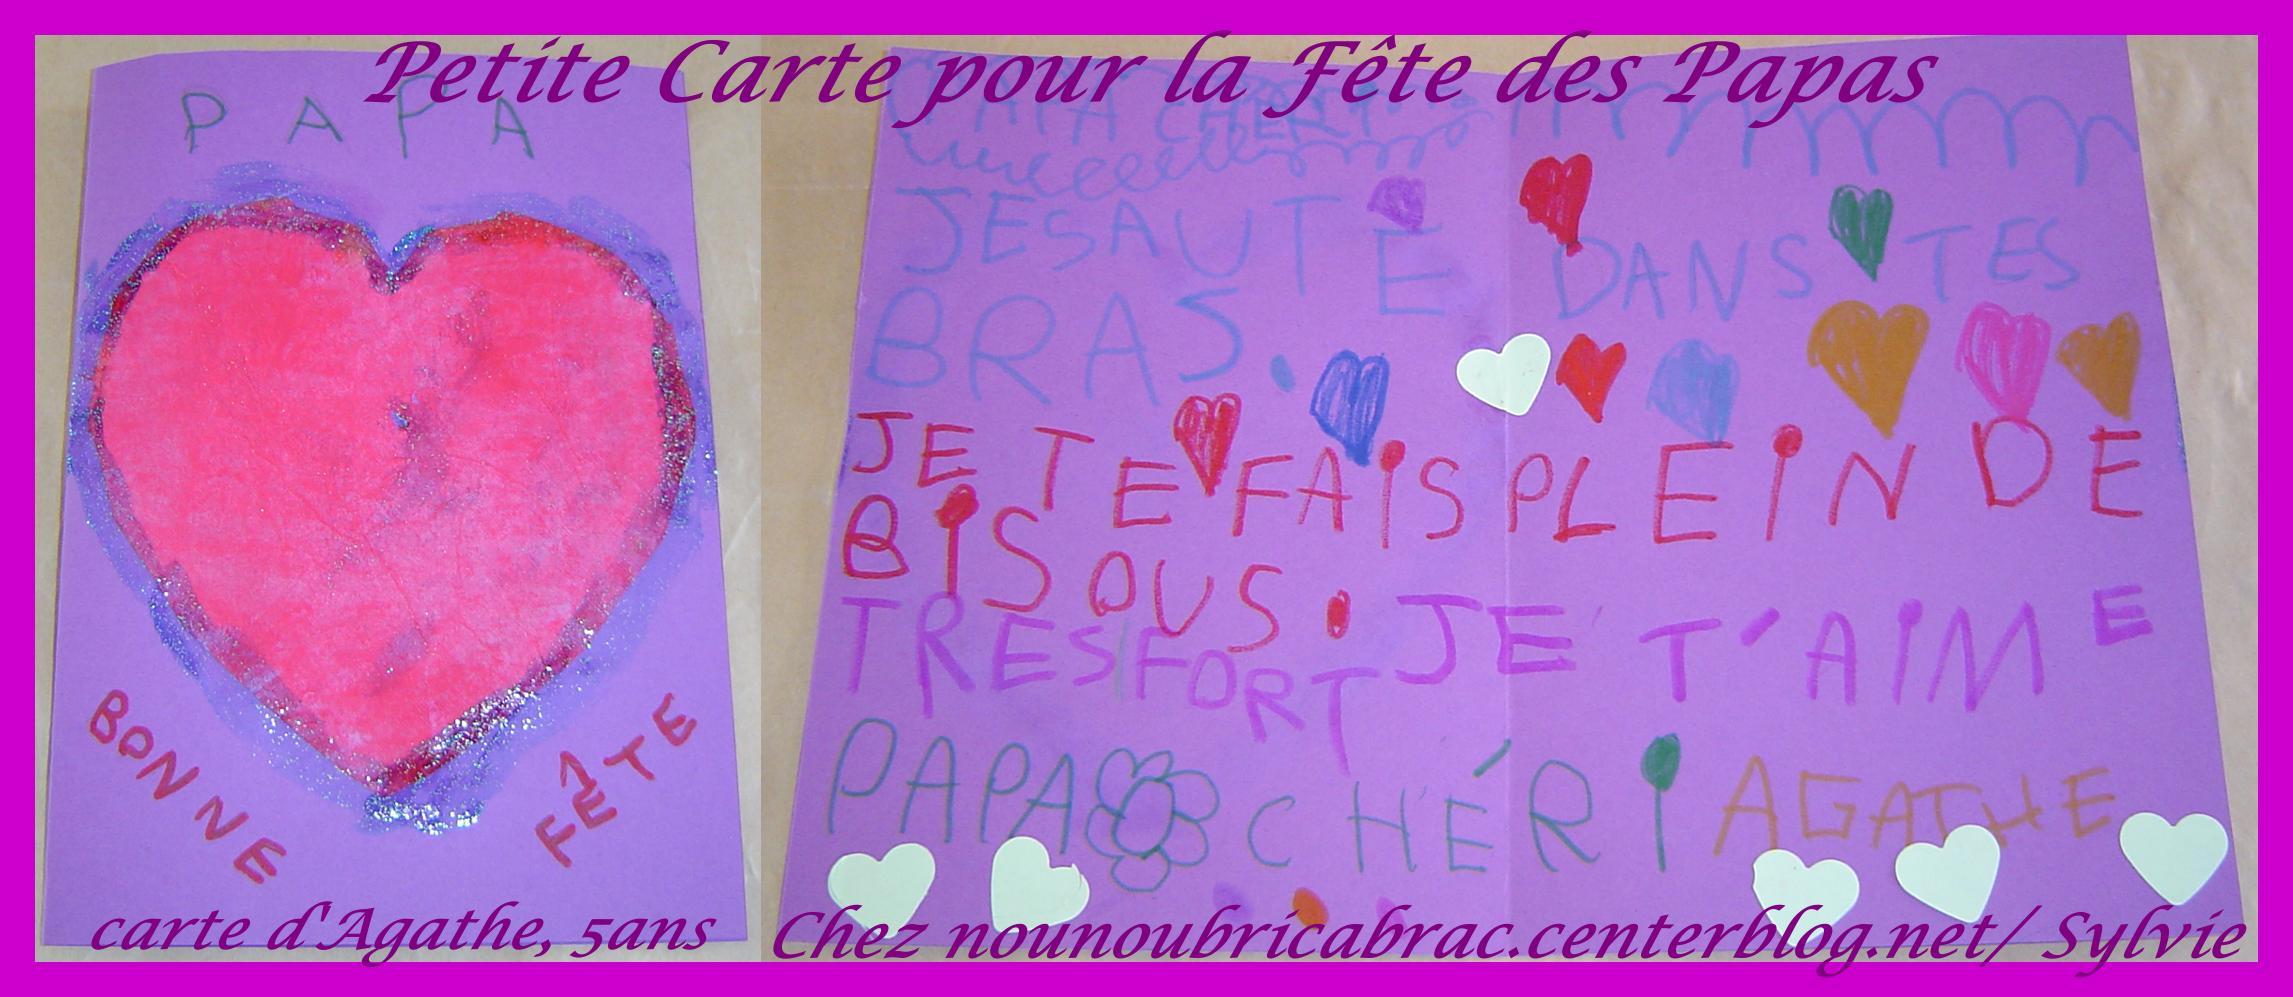 Carte d'Agathe, 5 ans... Pour son Papa